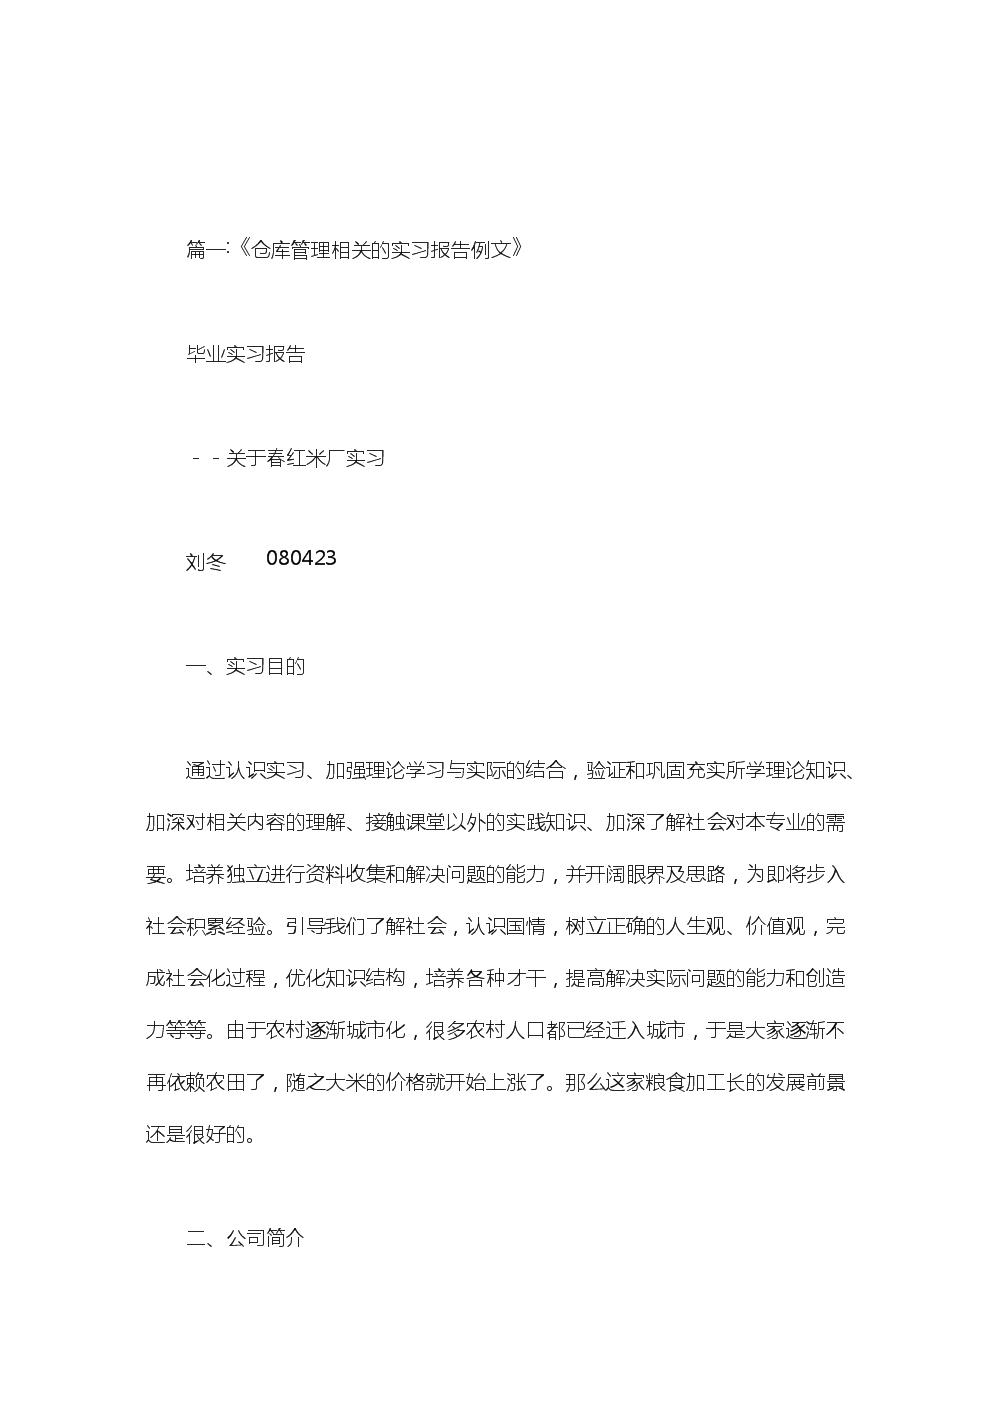 仓库实习报告范文.doc